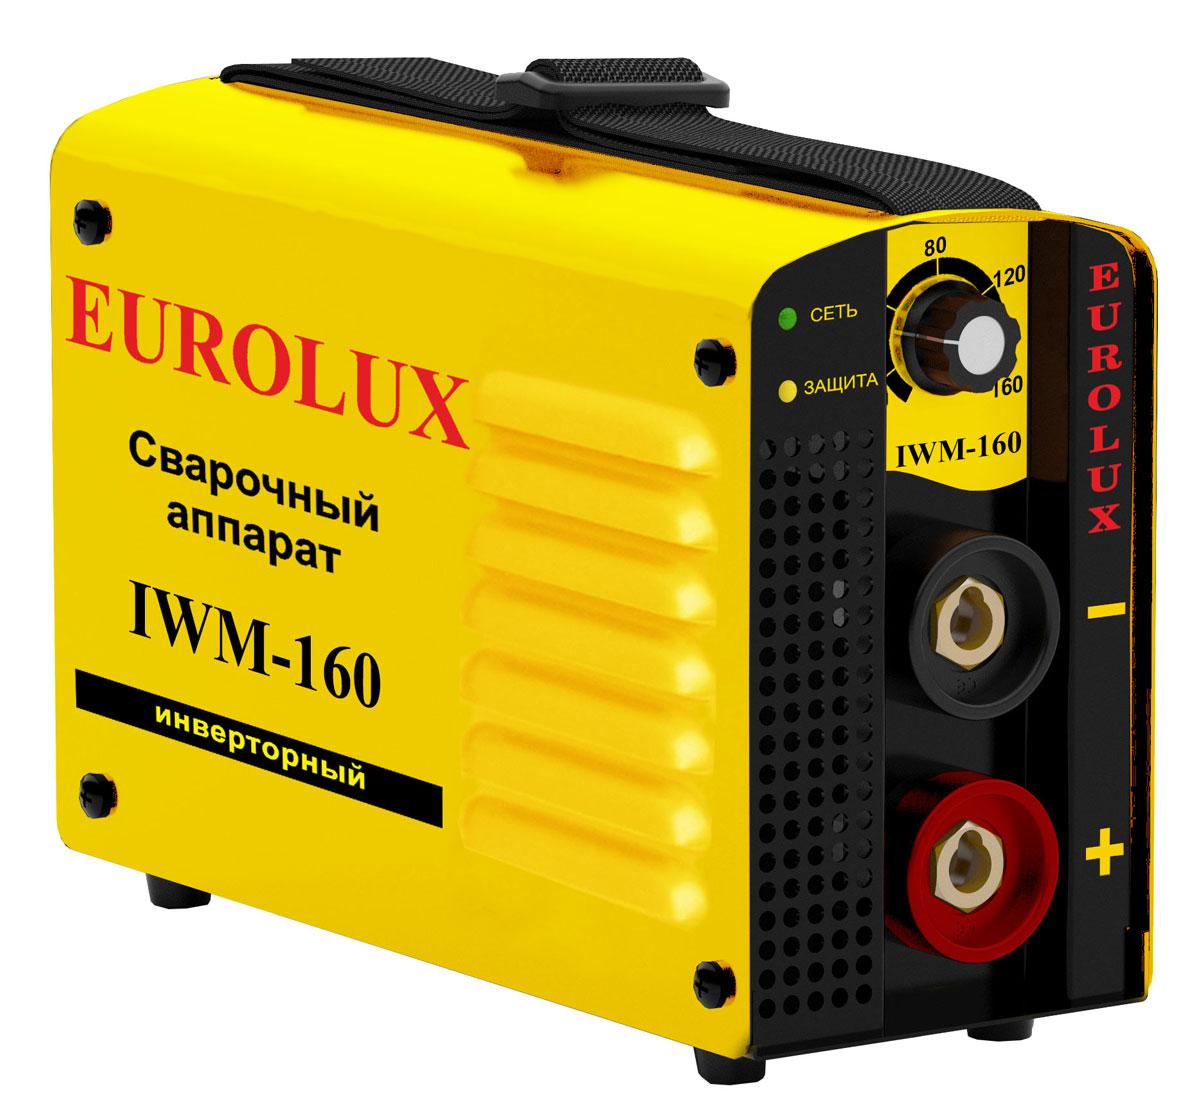 Инверторный сварочный аппарат Eurolux IWM-160 сварочный аппарат eurolux iwm 160